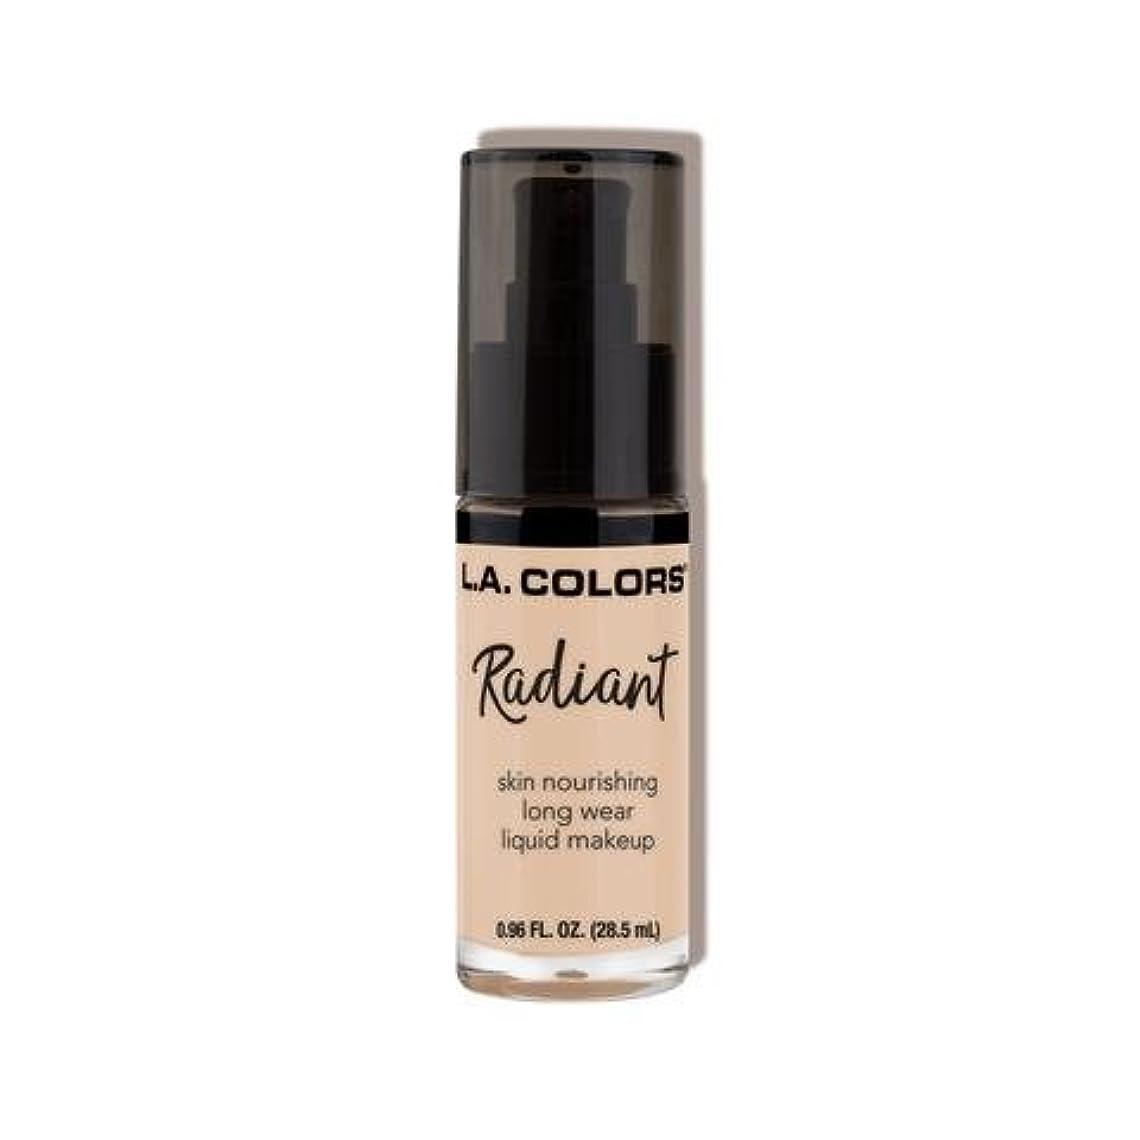 臨検経営者引退する(3 Pack) L.A. COLORS Radiant Liquid Makeup - Vanilla (並行輸入品)